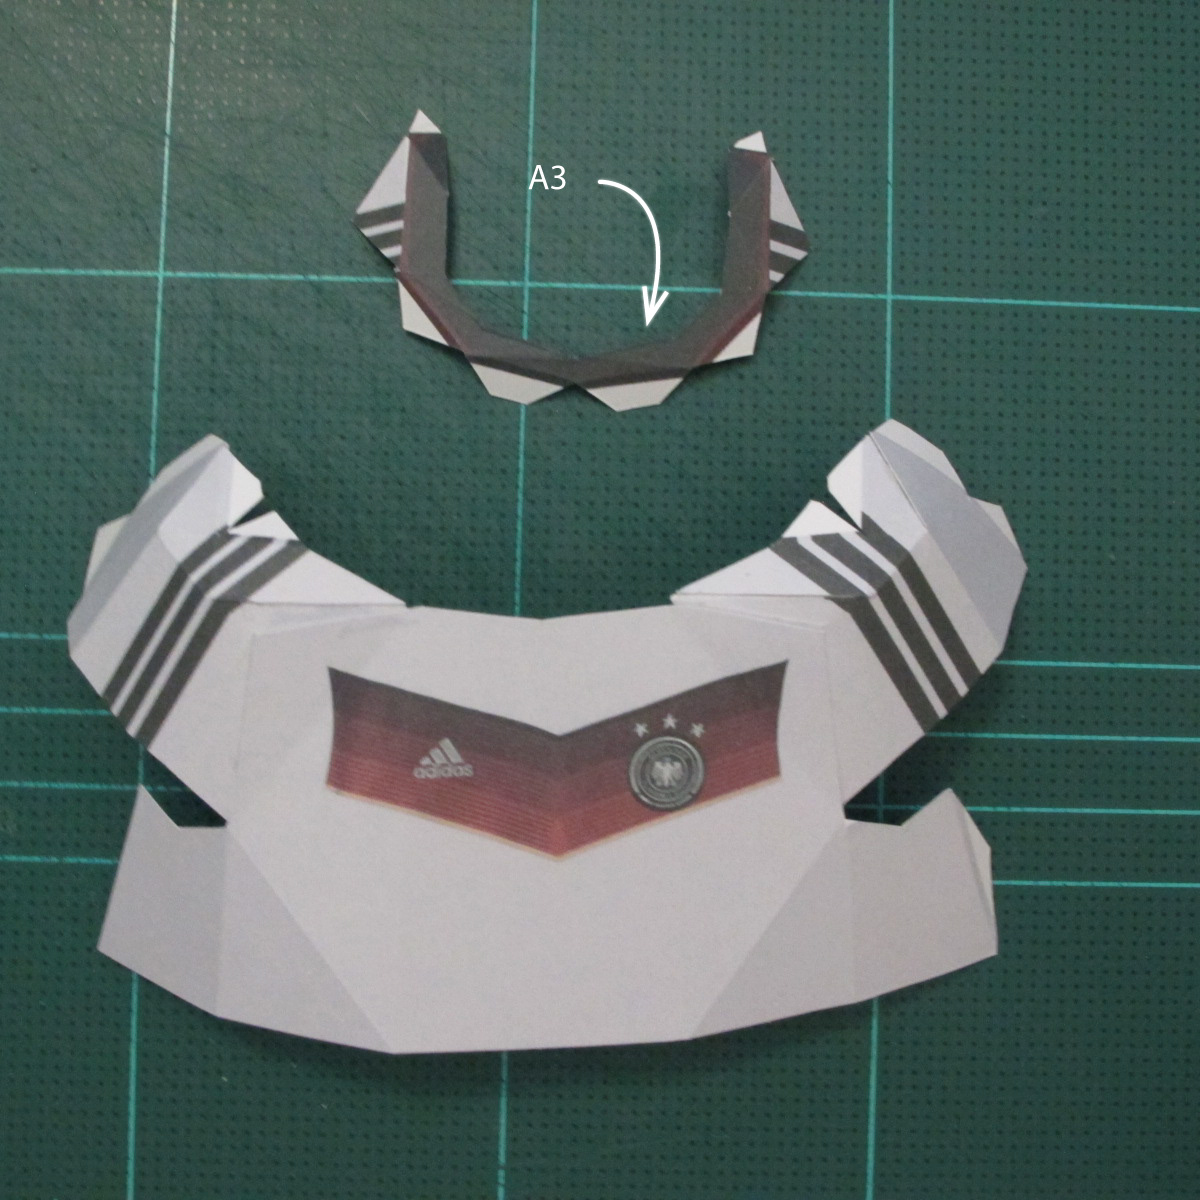 วิธีทำชุดนักบอลฟุตบอลโลก 2014 ทีมเยอร์มันสำหรับโมเดลหมีบราวน์ (FIFA World Cup  Soccer  Germany  Jersey Papercraft Model) 002